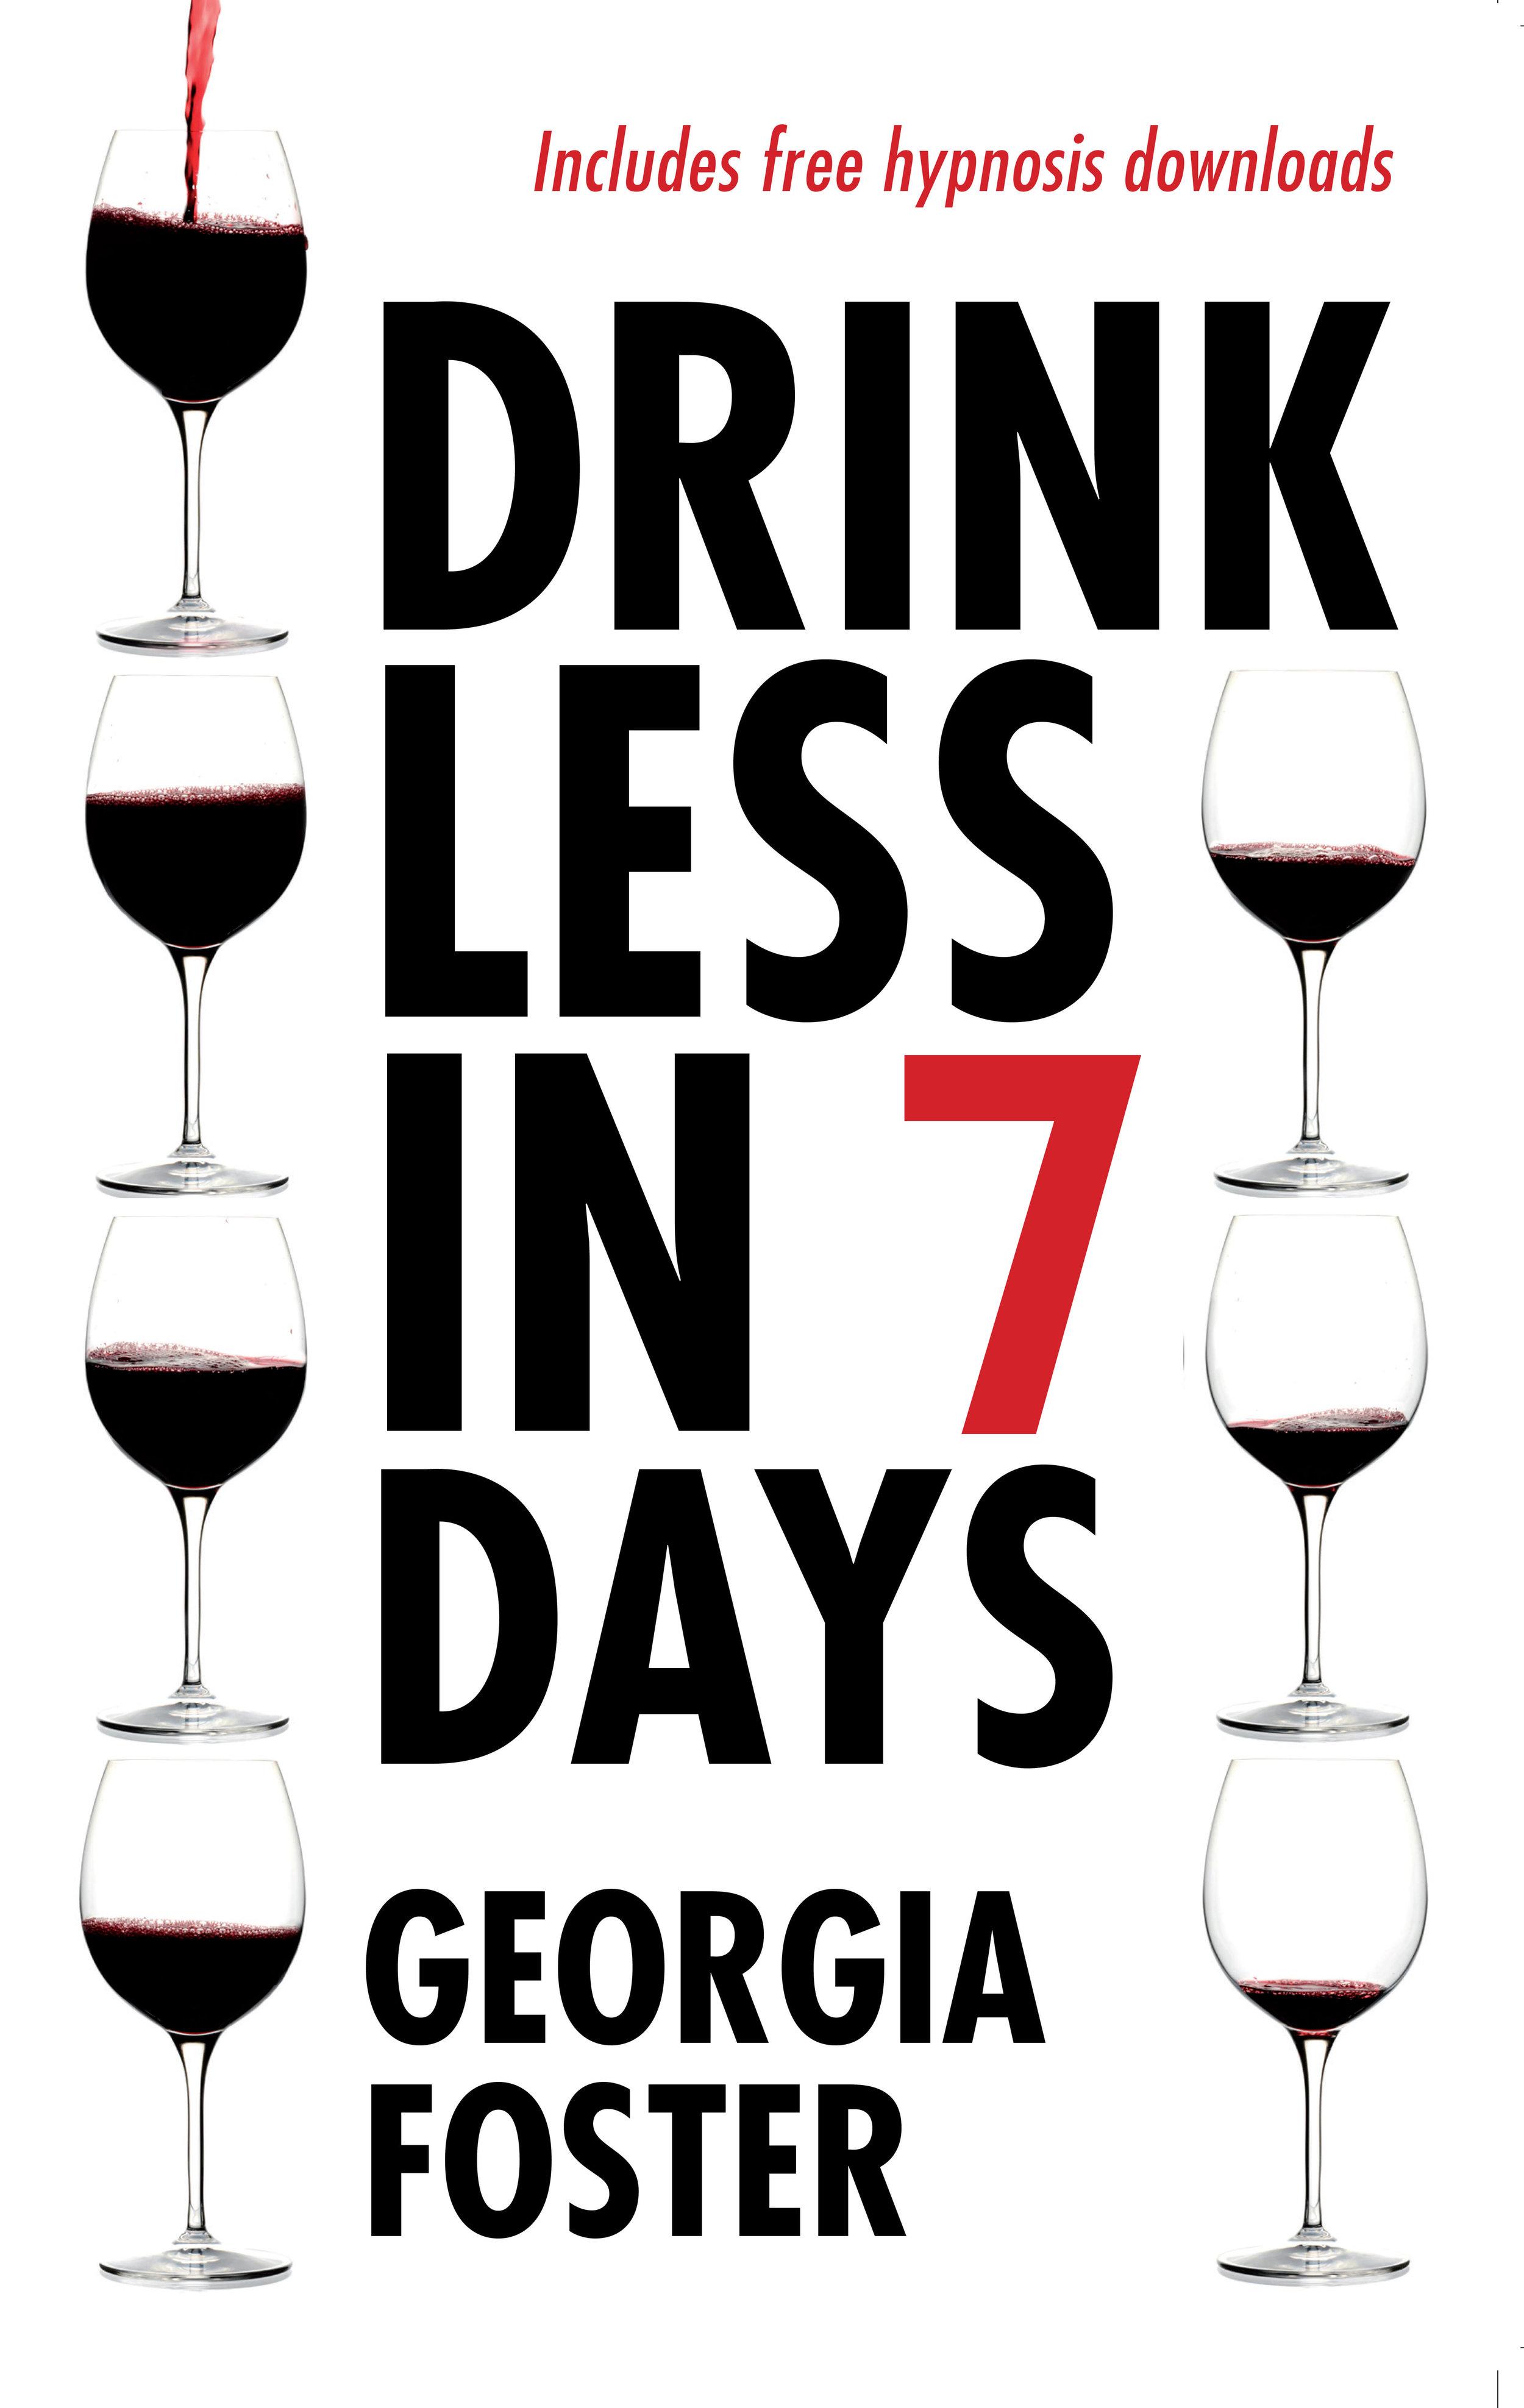 Georgia Foster - Book cover.jpg